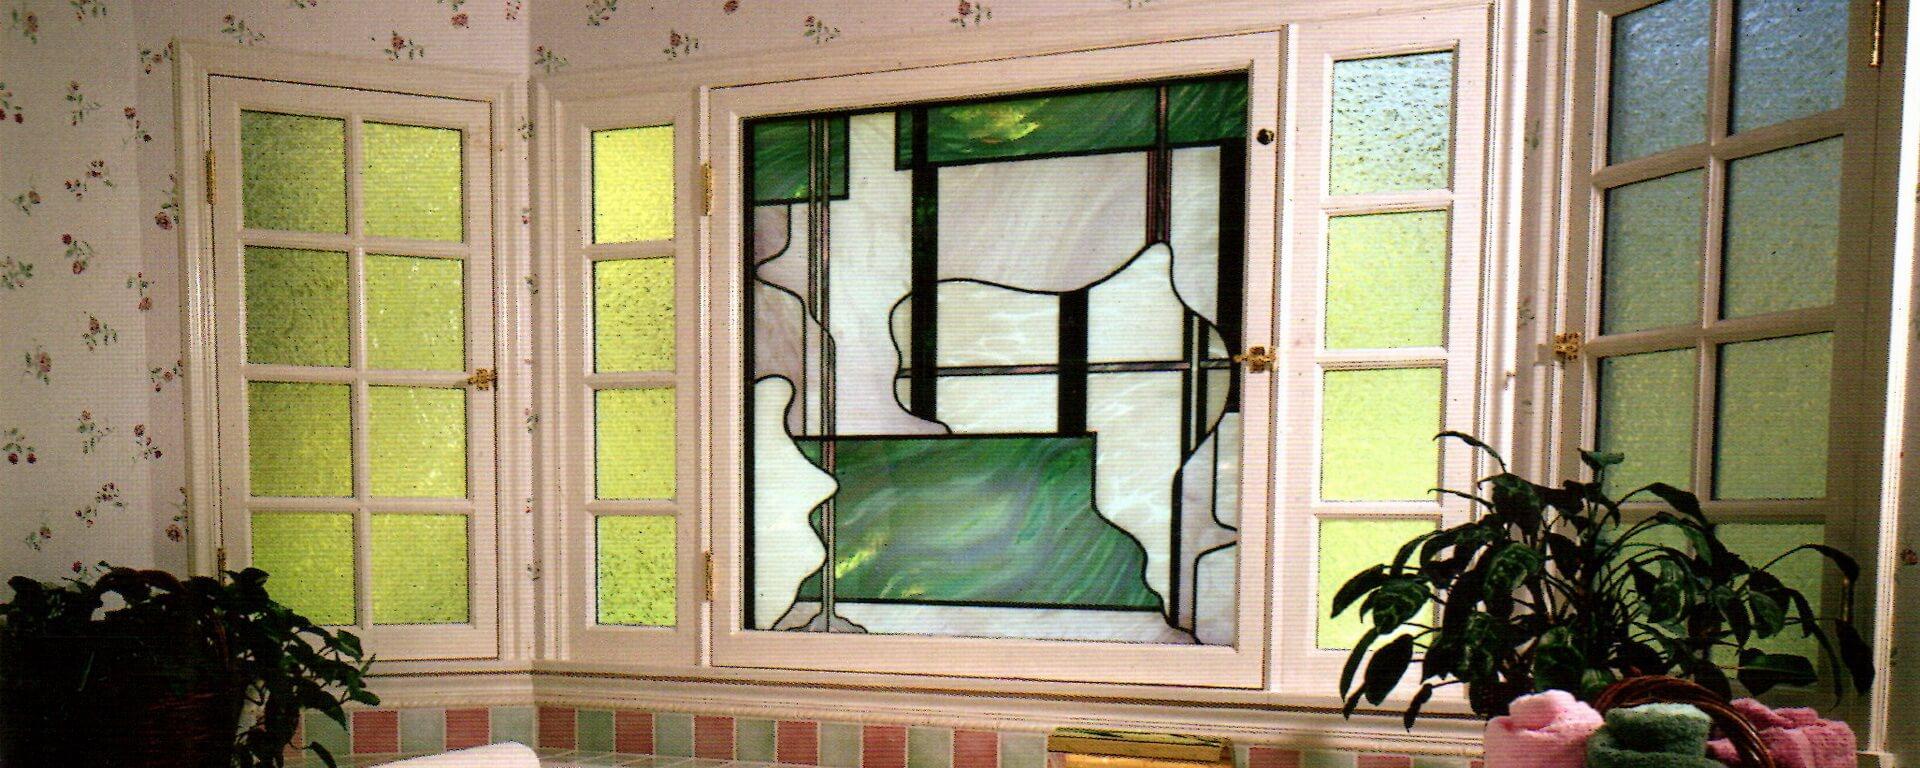 شیشه تزئینی